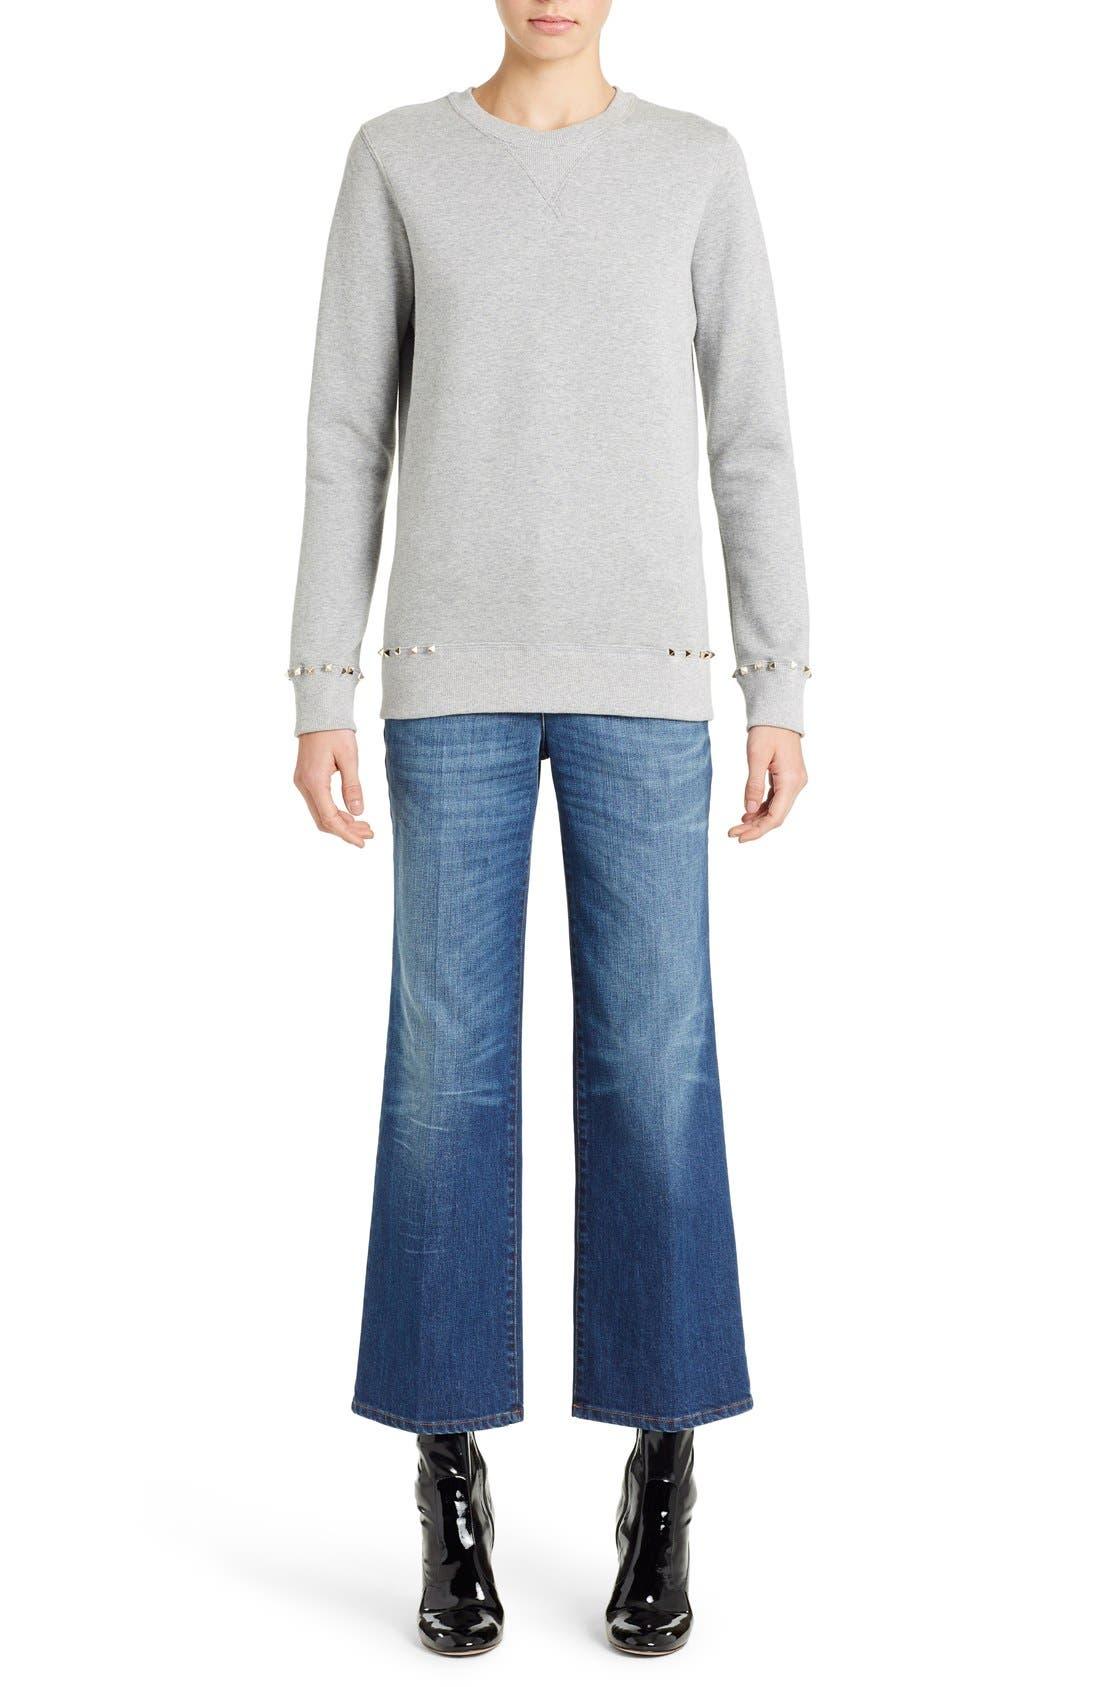 Valentino Studded Crewneck Sweatshirt